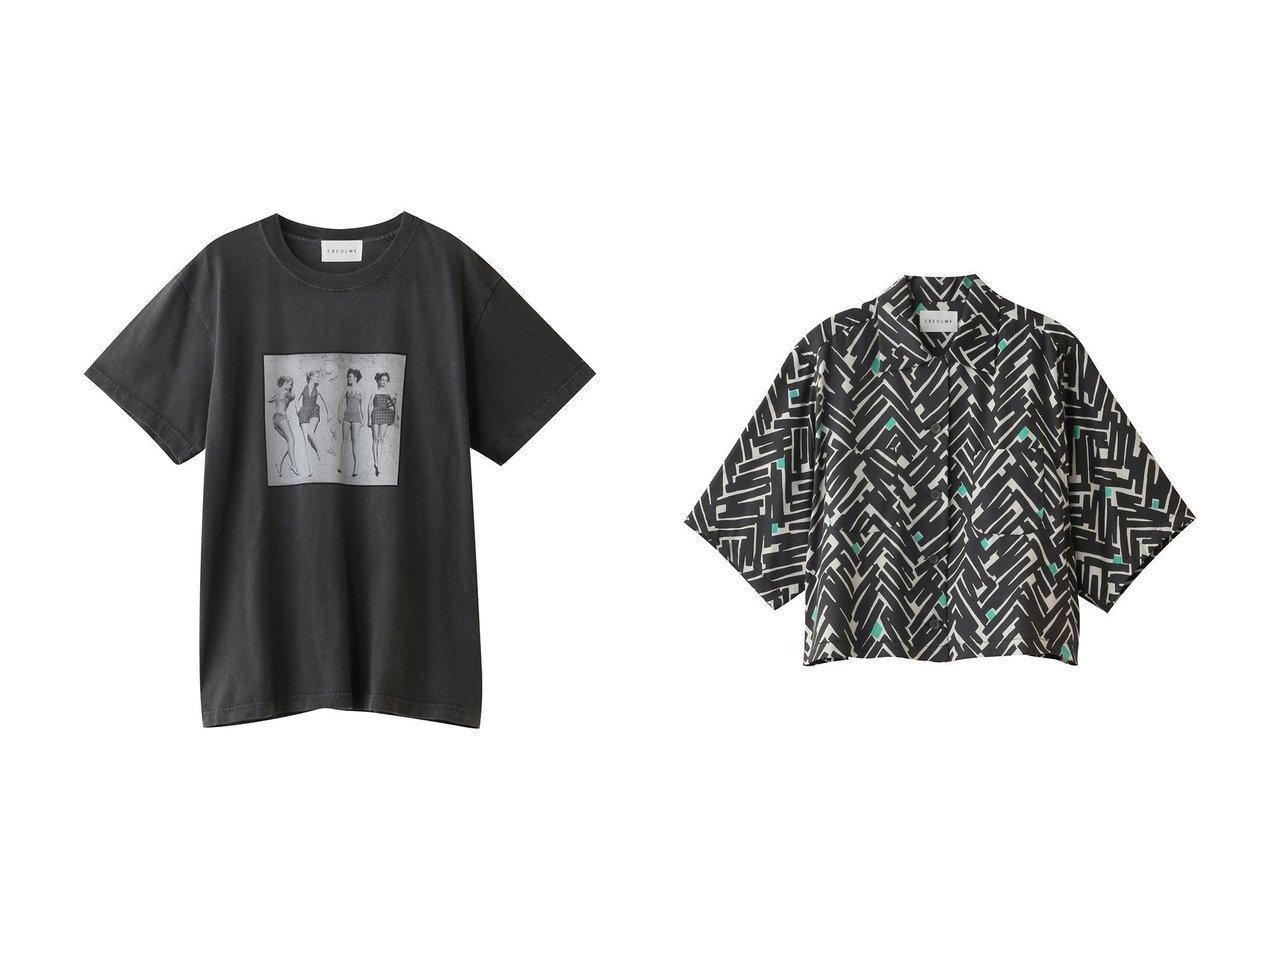 【ROSE BUD/ローズバッド】の【CREOLME】LIFE フォトプリントTシャツ&【CREOLME】ジオメトリックプリントシャツ 【トップス・カットソー】おすすめ!人気、トレンド・レディースファッションの通販 おすすめで人気の流行・トレンド、ファッションの通販商品 インテリア・家具・メンズファッション・キッズファッション・レディースファッション・服の通販 founy(ファニー) https://founy.com/ ファッション Fashion レディースファッション WOMEN トップス・カットソー Tops/Tshirt シャツ/ブラウス Shirts/Blouses ロング / Tシャツ T-Shirts カットソー Cut and Sewn クロップド サマー ショート シンプル スリーブ プリント カーディガン グラフィック ユーズド ロング 雑誌 |ID:crp329100000049503